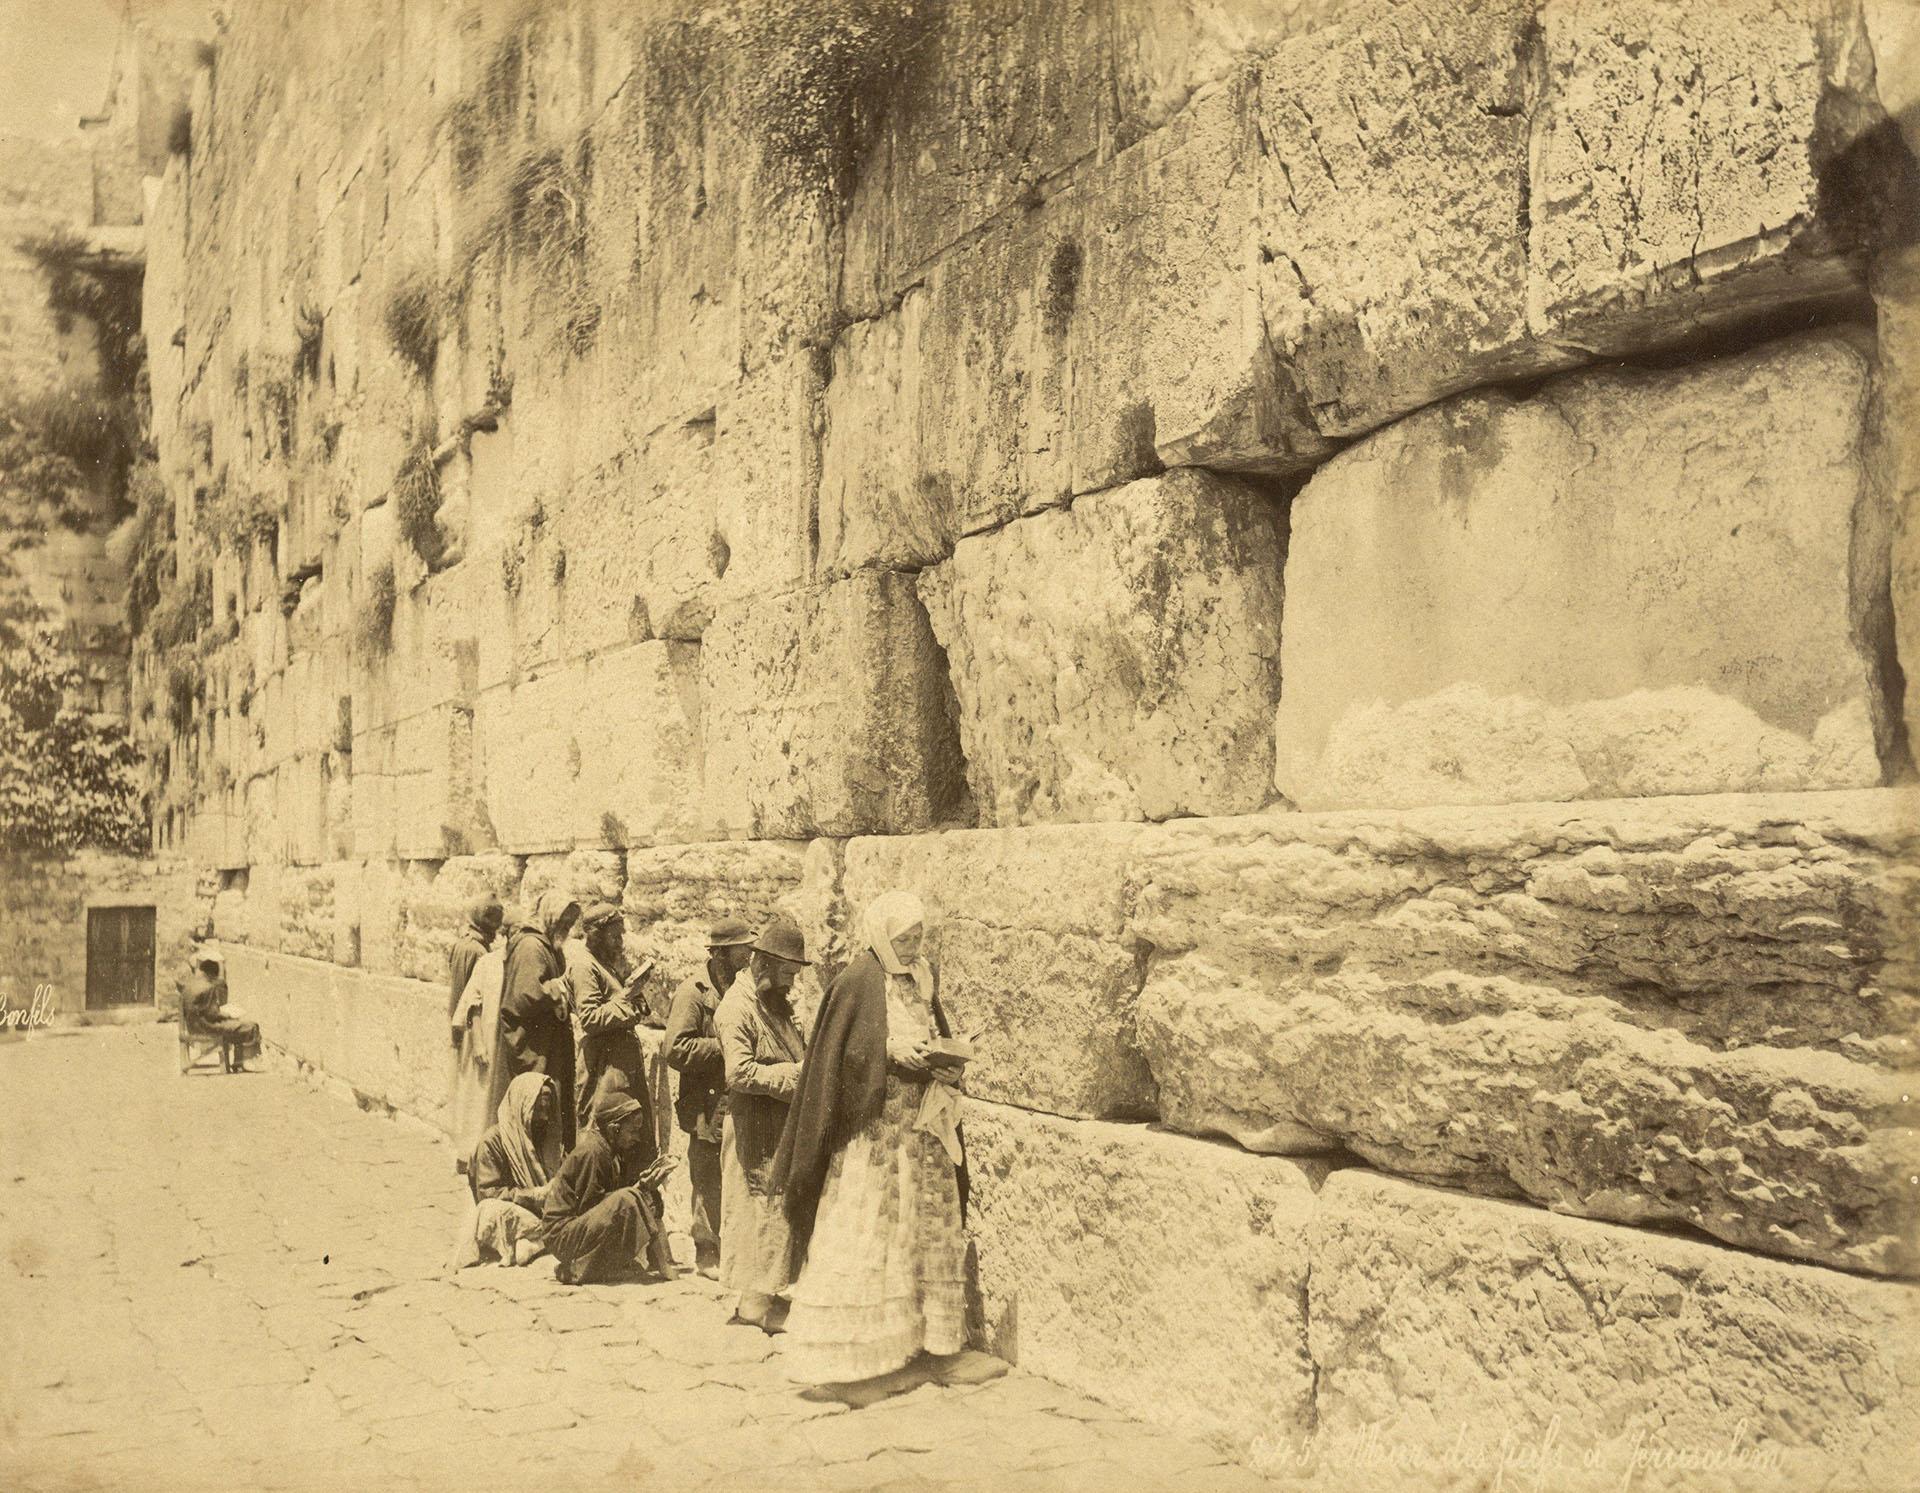 Personas judías rezando en el Muro Occidental, también conocido como Muro de las Lamentos, en la ciudad Vieja de Jerusalén, alrededor de 1880. EFE/Jacob Wahrman Archive